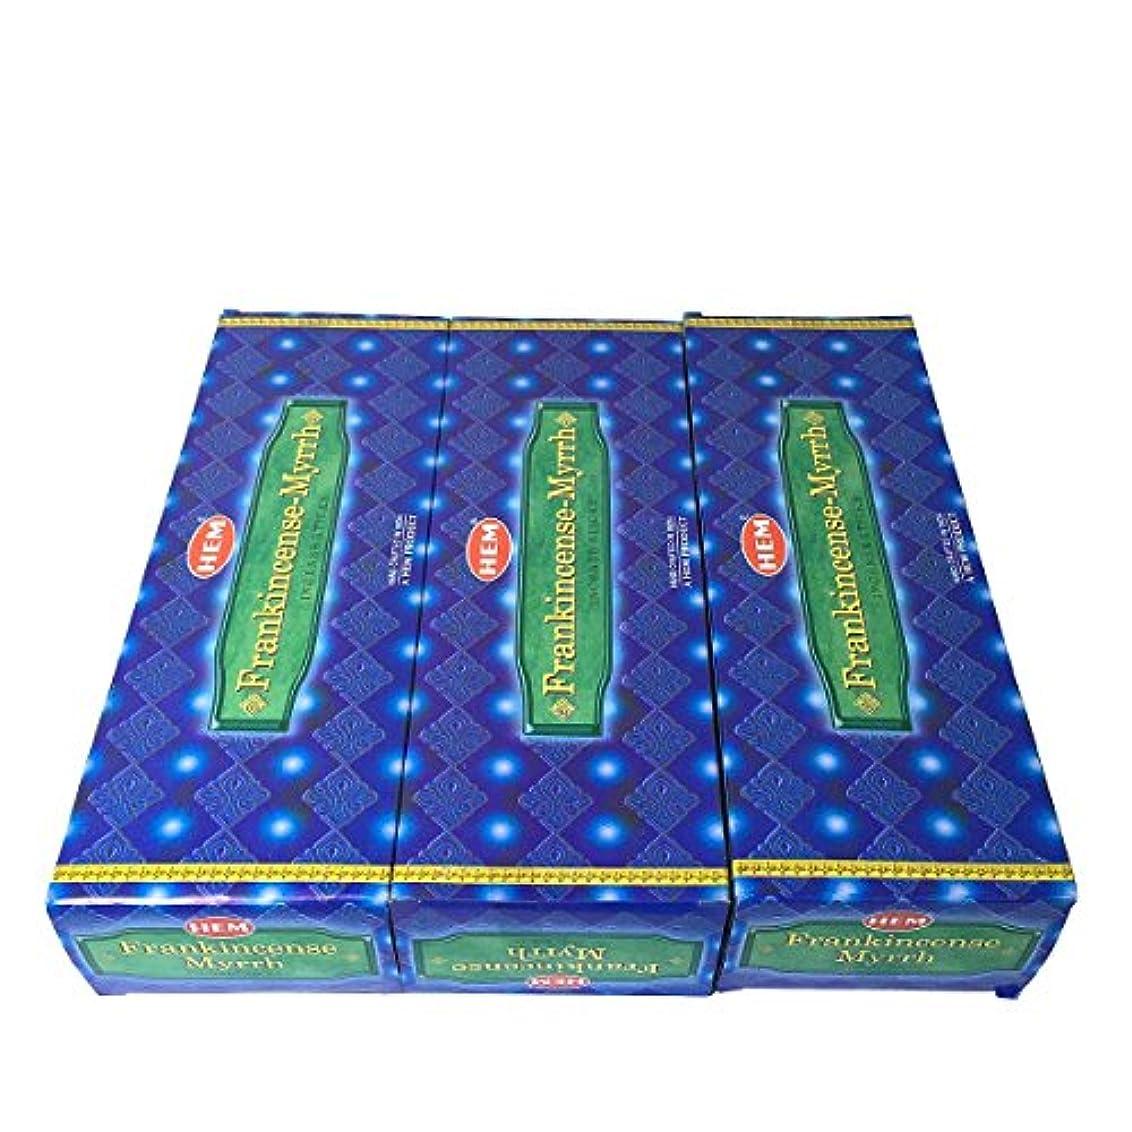 忘れっぽい通路記録フランキンセンス ミルラ香スティック 3BOX(18箱) /HEM FRANKINCENSE MYRRH/インセンス/インド香 お香 [並行輸入品]